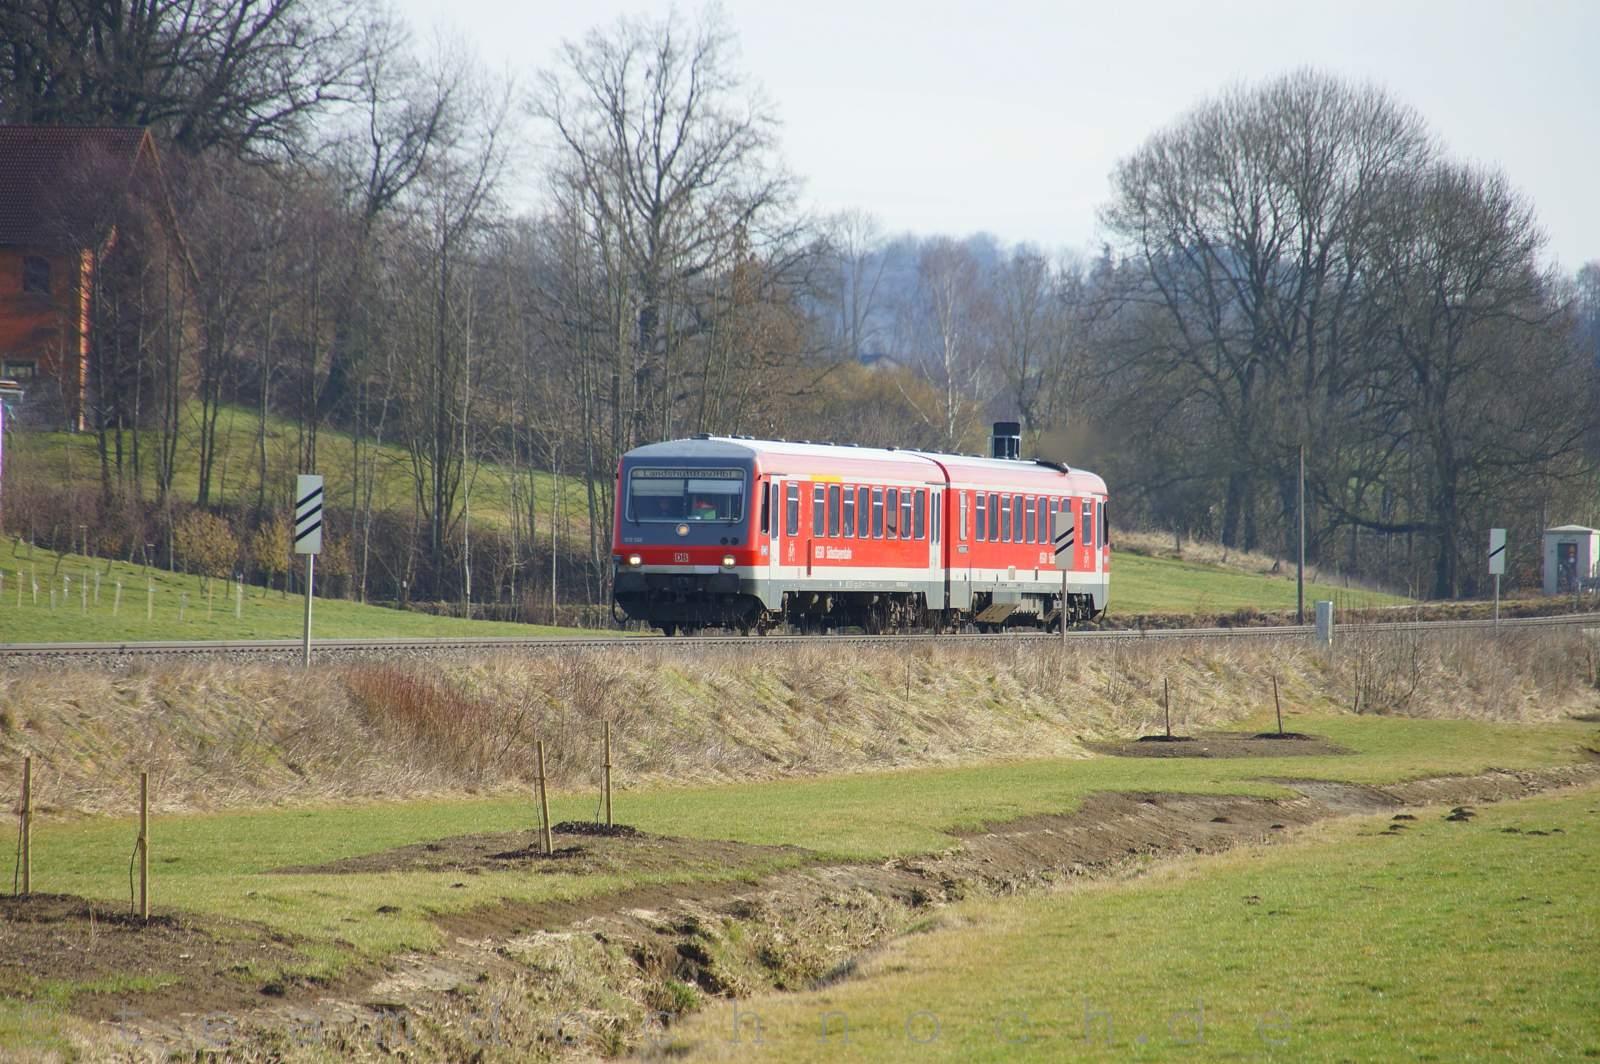 628 568 / 928 568 auf dem Weg nach Landshut (Bay) Hbf